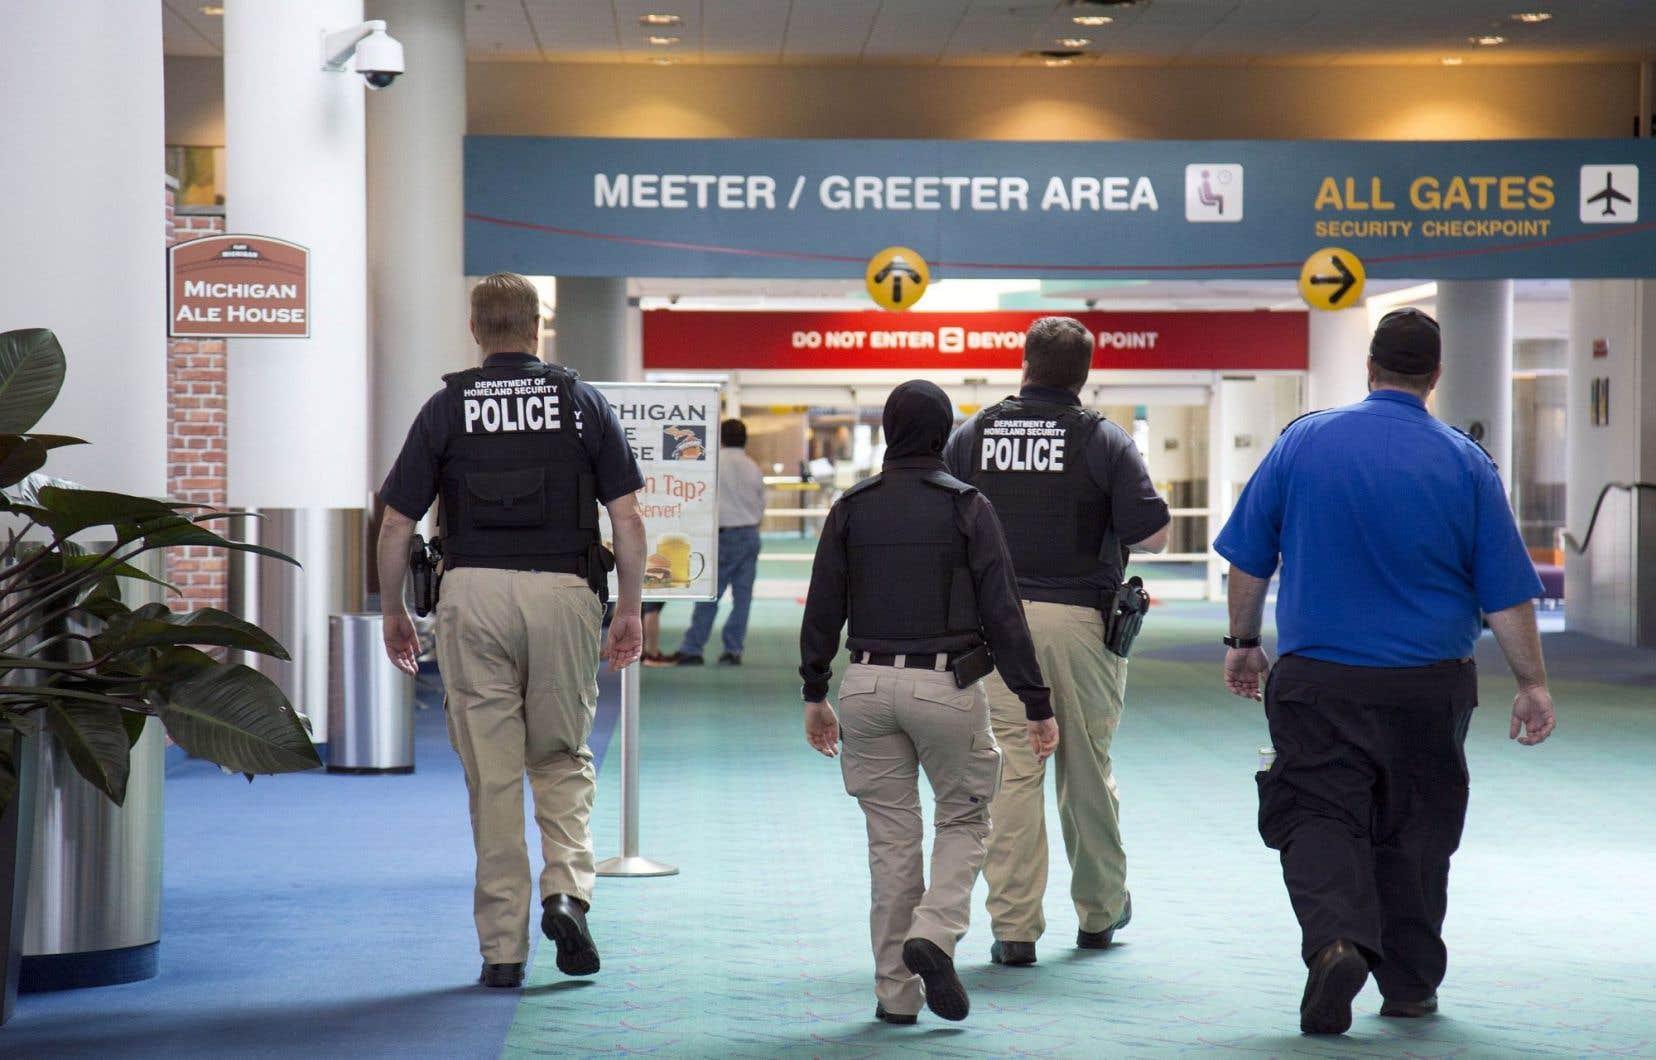 L'aéroport Bishop de Flint a augmenté ses effectifs de sécurité après la tentative de meurtre de lundi.